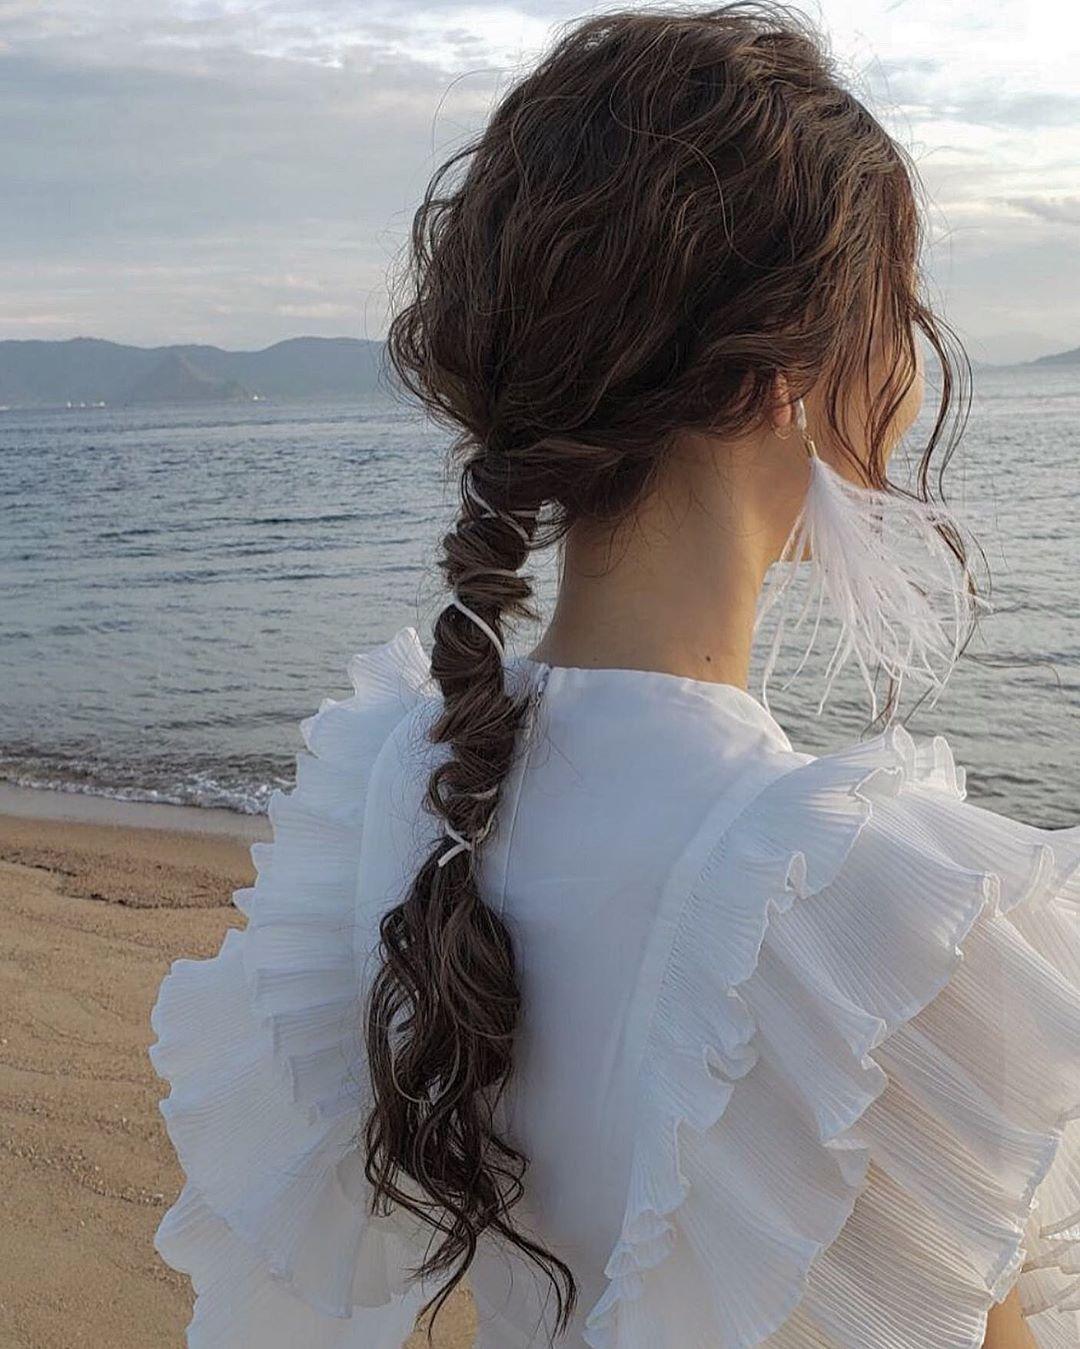 ウェディングヘアー おしゃれまとめの人気アイデア Pinterest Photo Harapeko 2020 結婚式 髪型 二次会 ヘアスタイル 花嫁 ヘアスタイル